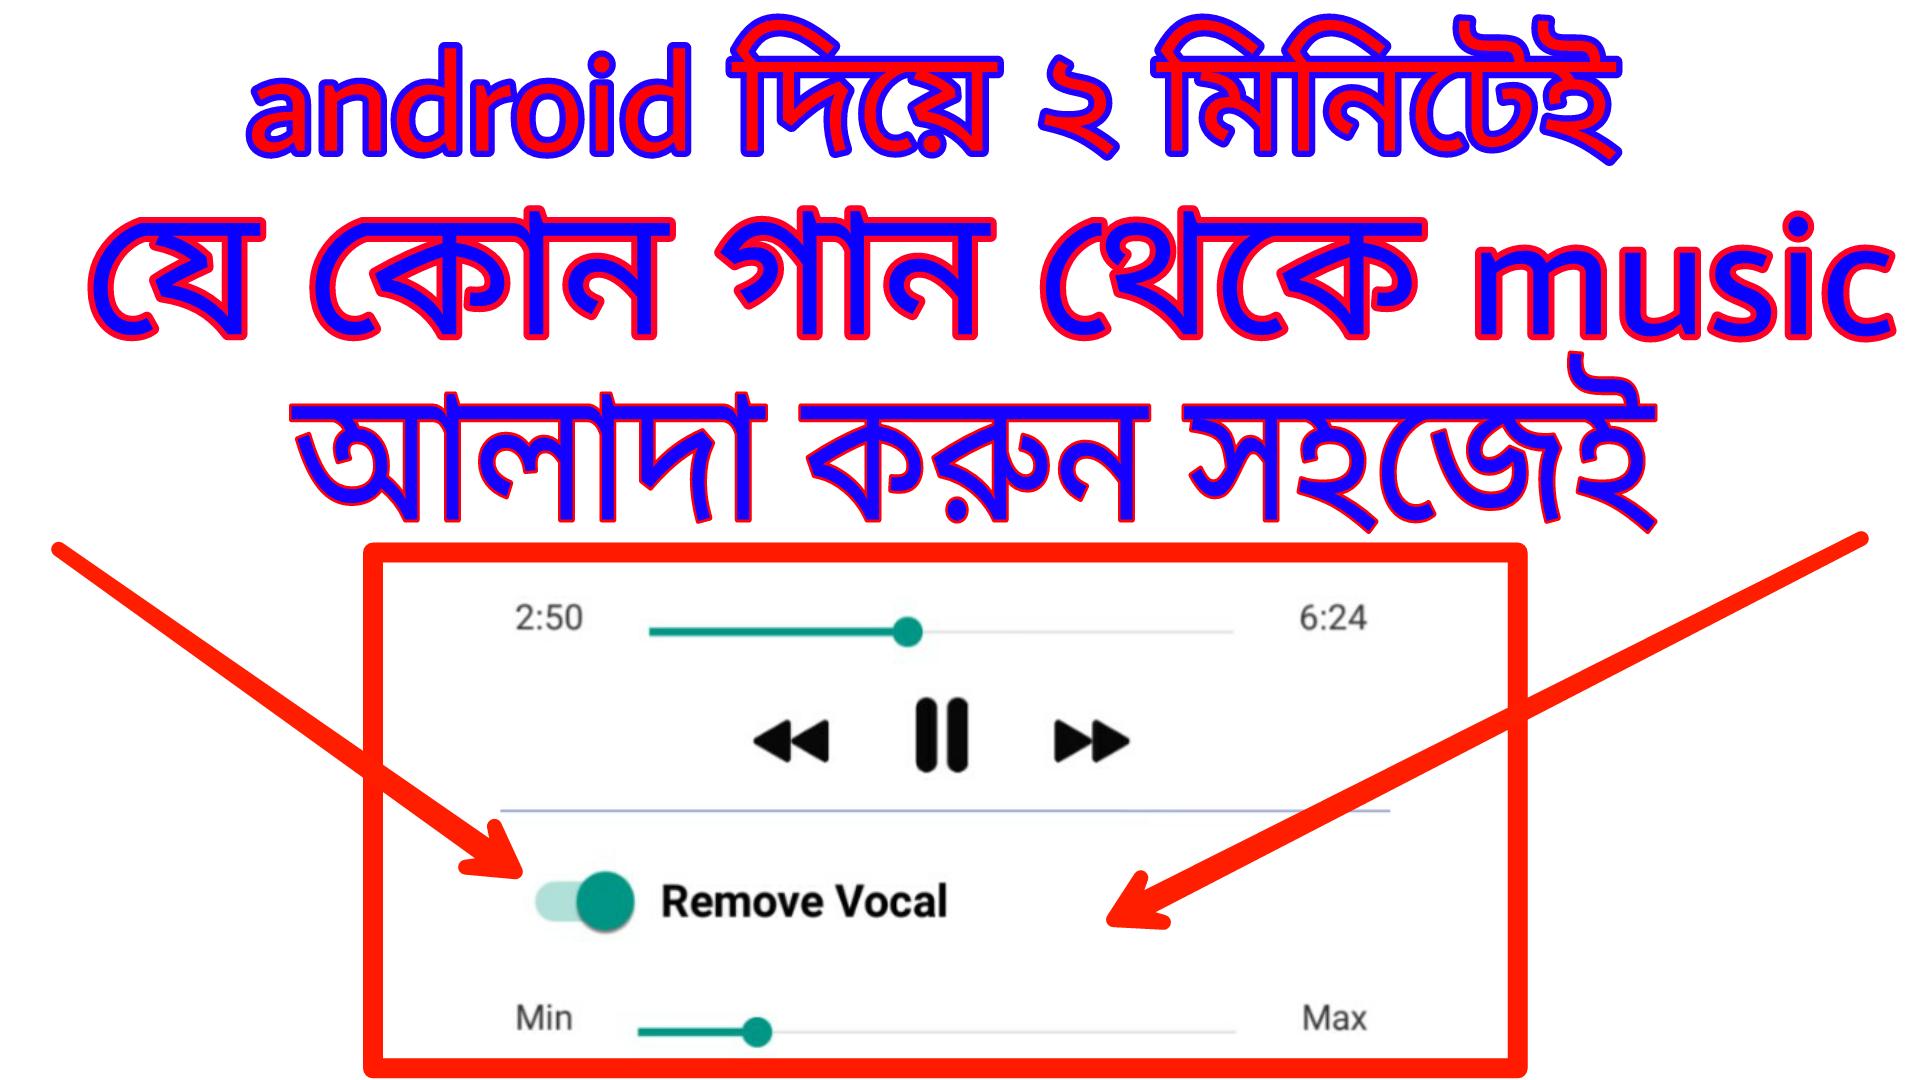 Android দিয়ে সহজেই ২ মিনিটে যে কোন গান থেকে music আলাদা করুন -By Shahin